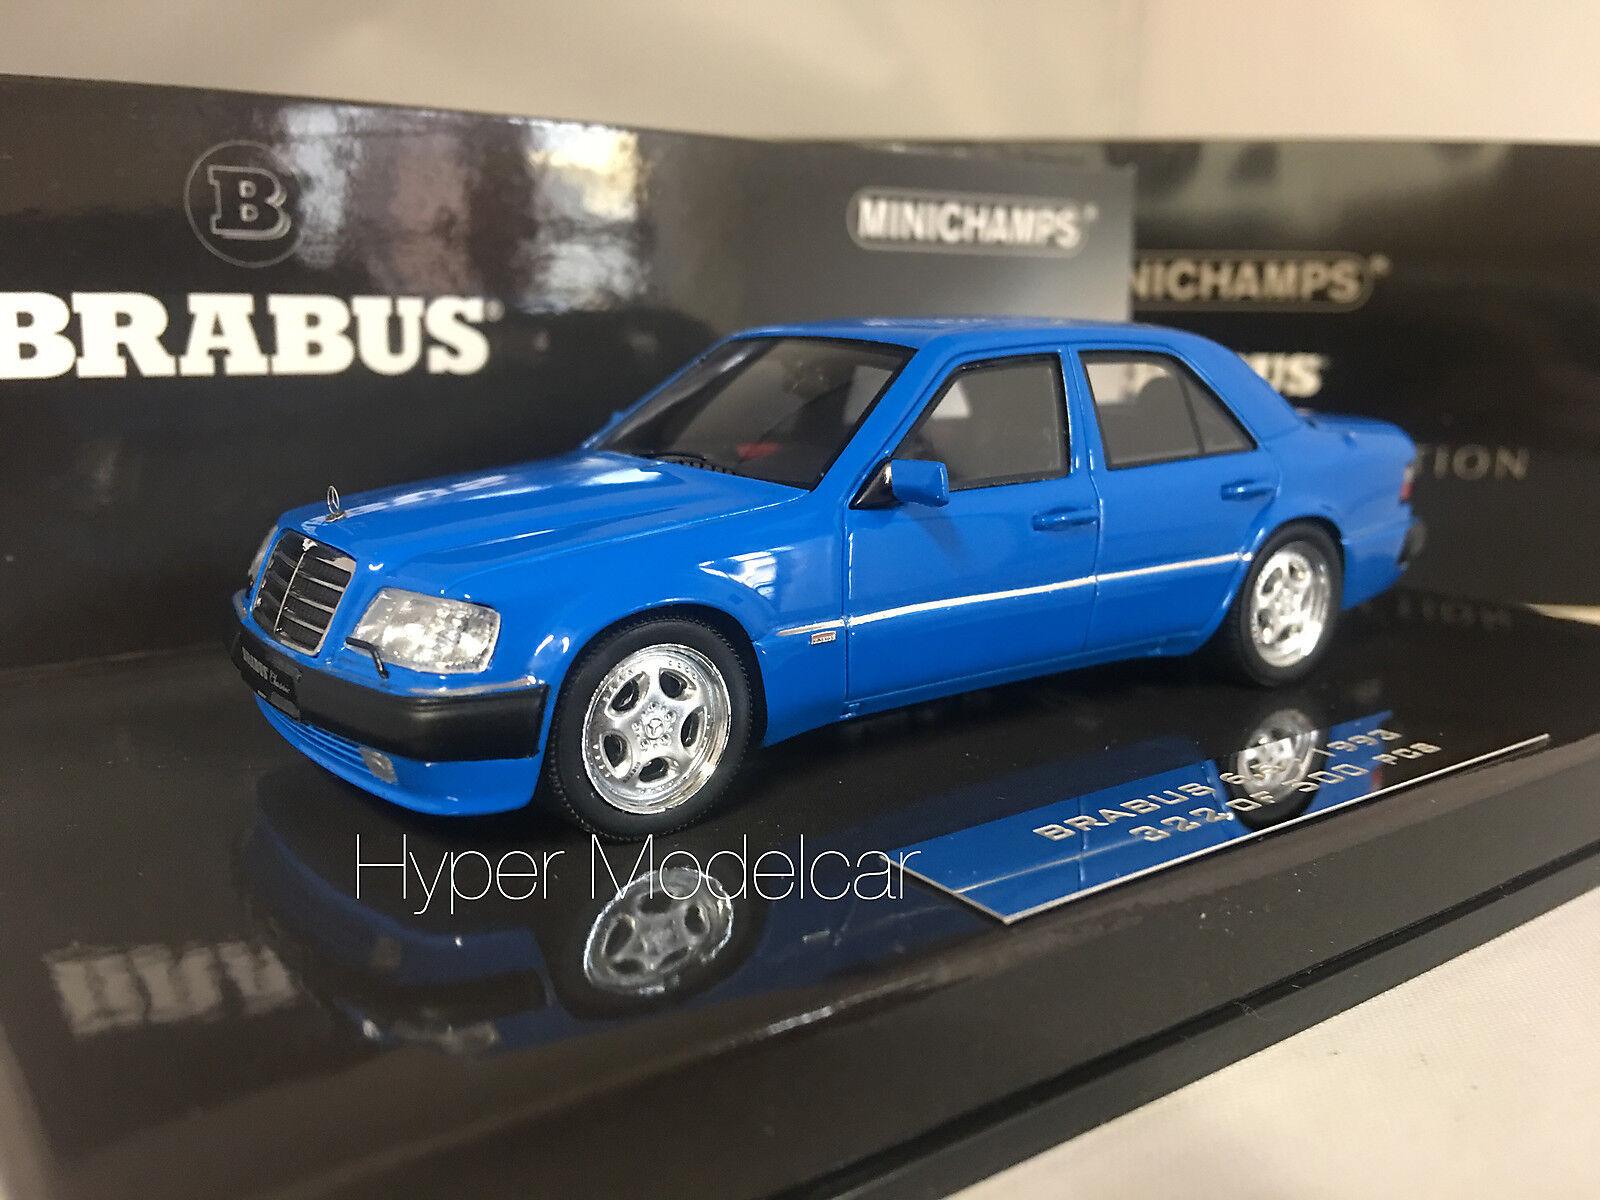 online economico Minichamps 1 1 1 43 Mercedes-Benz E-classe 6.5 500E Braautobus (W124) 1993 blu 437032502  stanno facendo attività di sconto